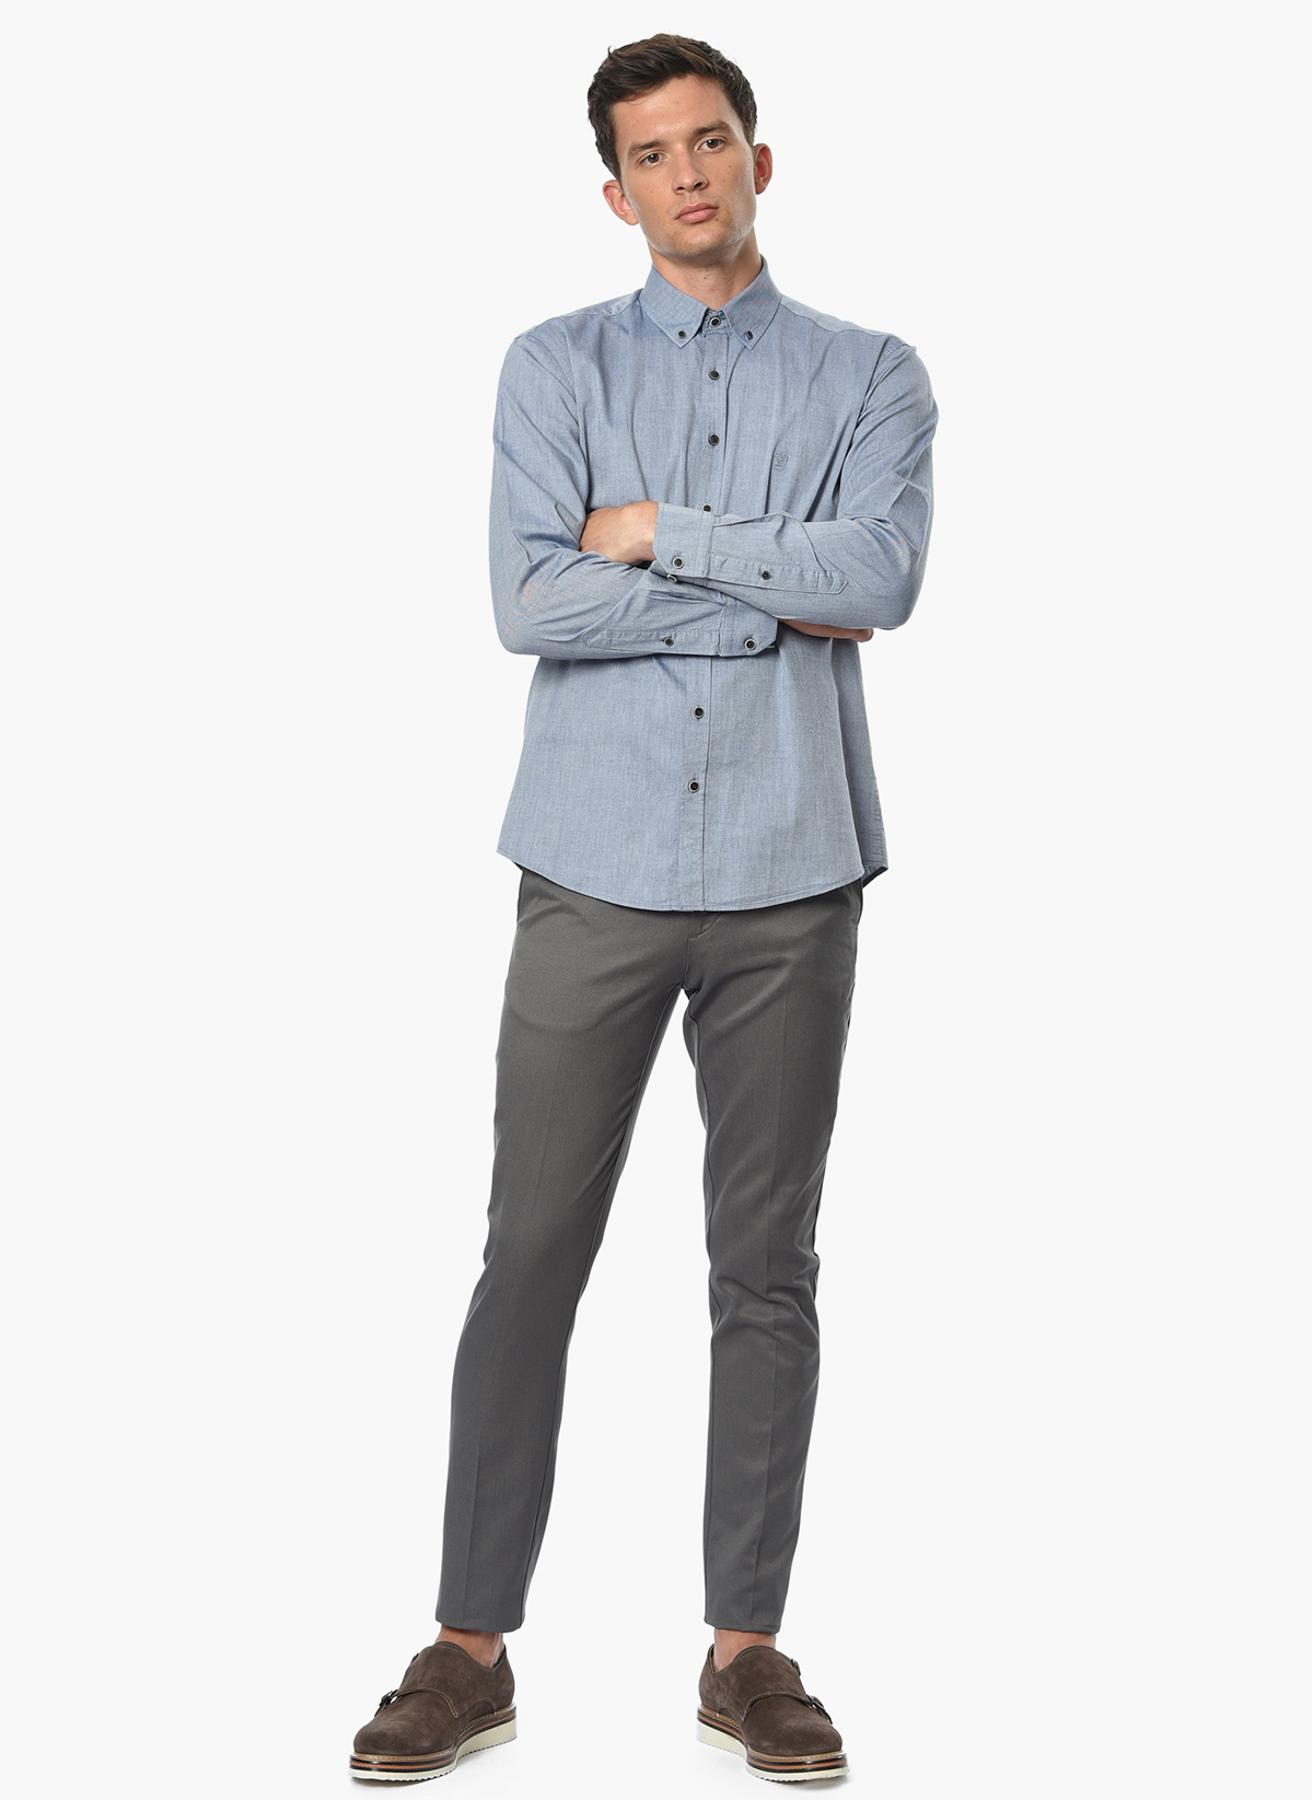 George Hogg Casual Gri Klasik Pantolon 54-6 5001699247005 Ürün Resmi